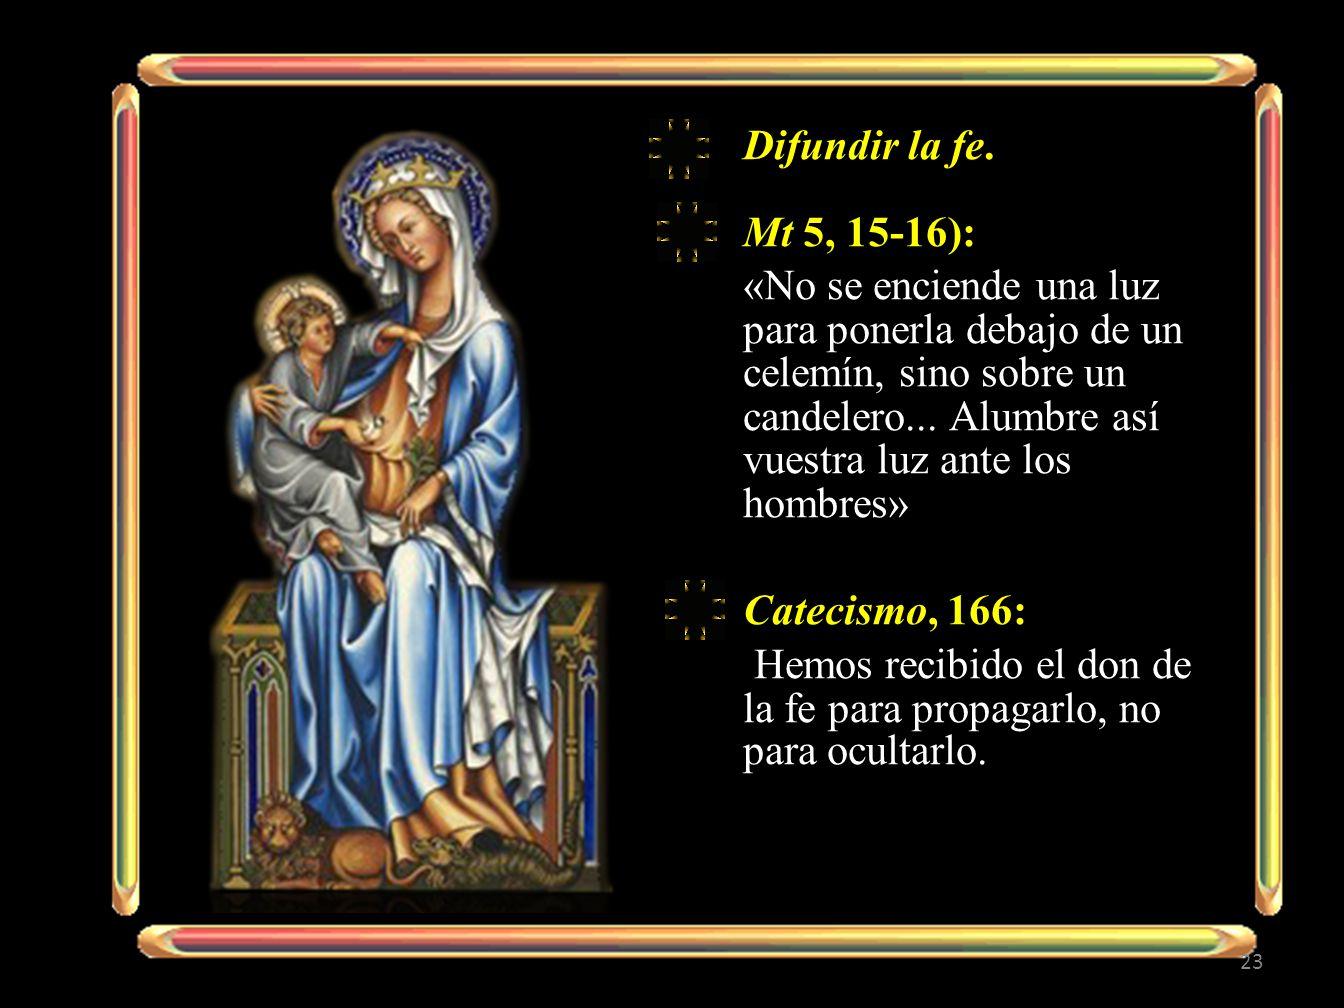 Difundir la fe. Mt 5, 15-16): «No se enciende una luz para ponerla debajo de un celemín, sino sobre un candelero... Alumbre así vuestra luz ante los h